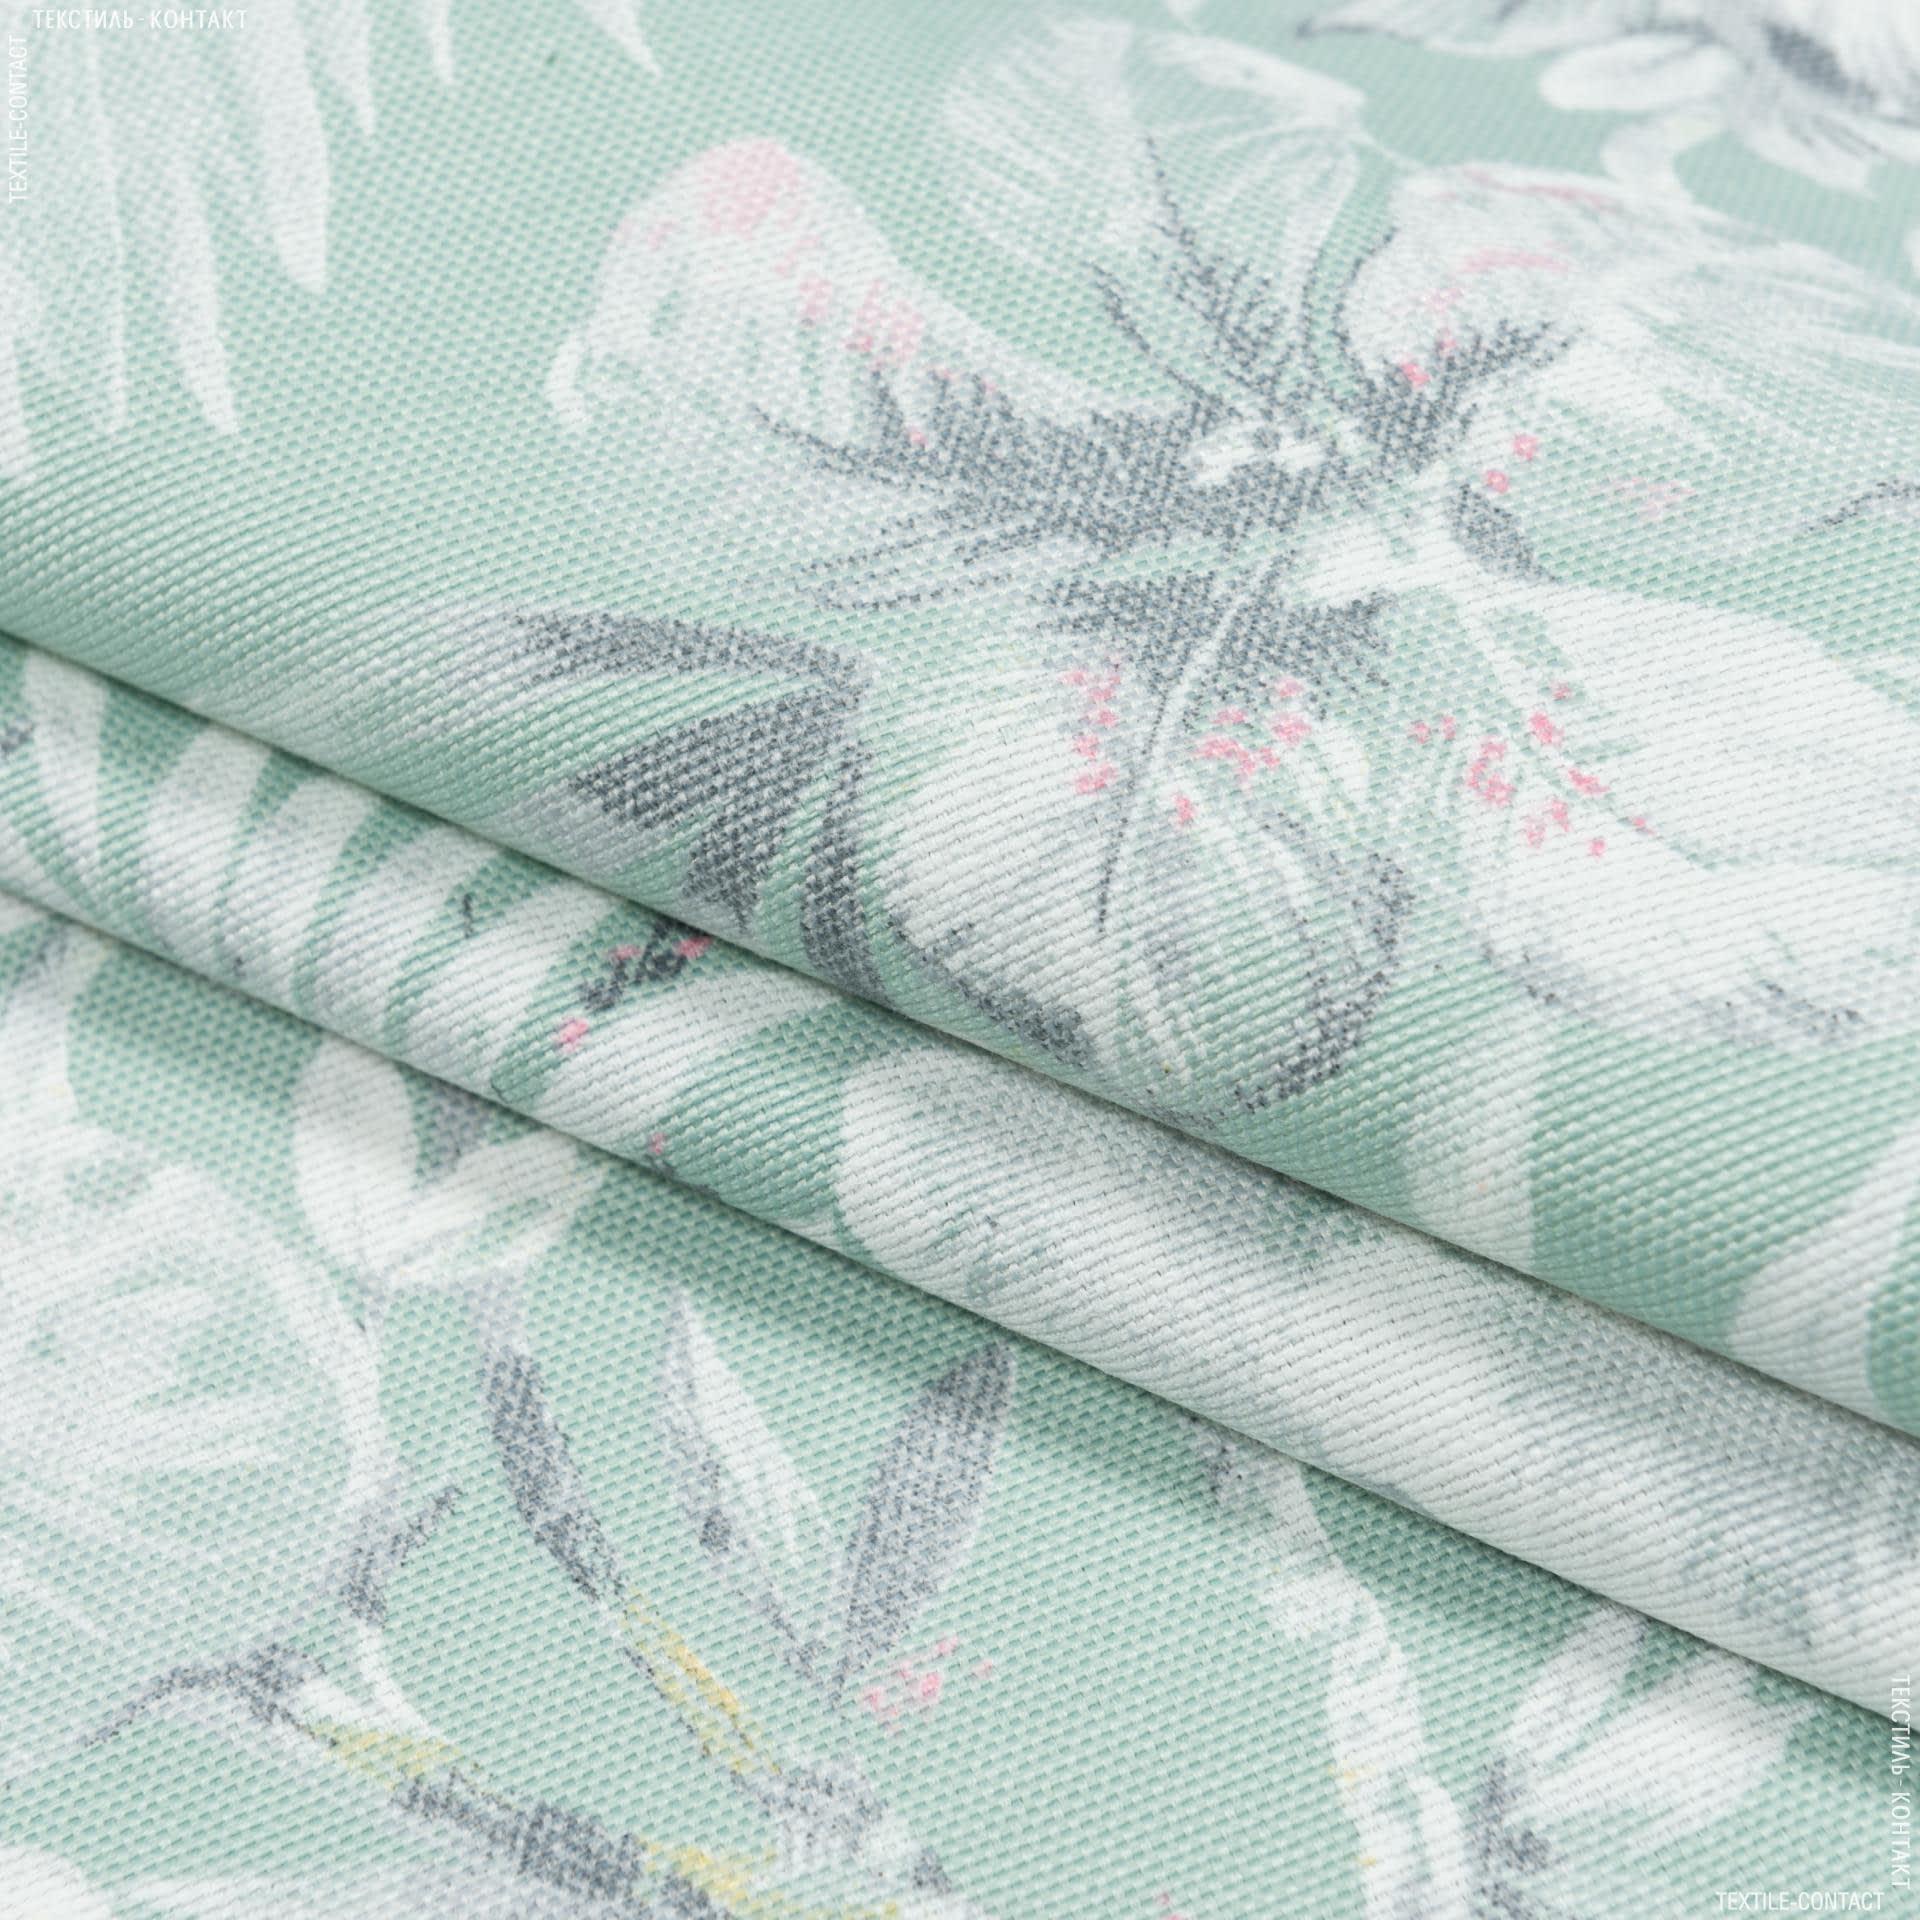 Ткани портьерные ткани - Декоративная ткань омбра  цветы/ombra  фон бирюза